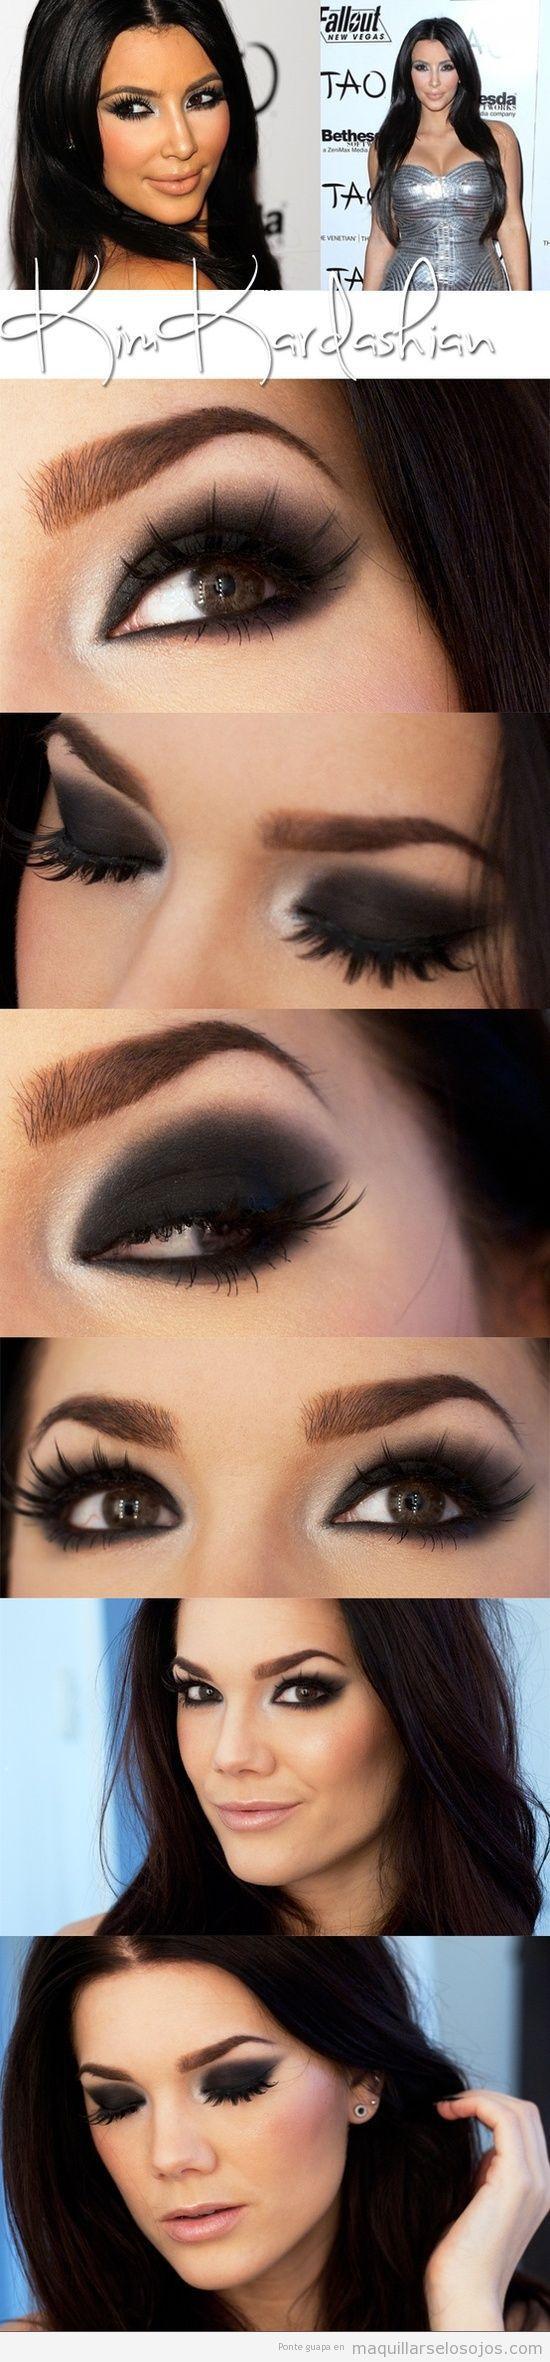 Maneras de Maquillarse los Ojos Paso a Paso3